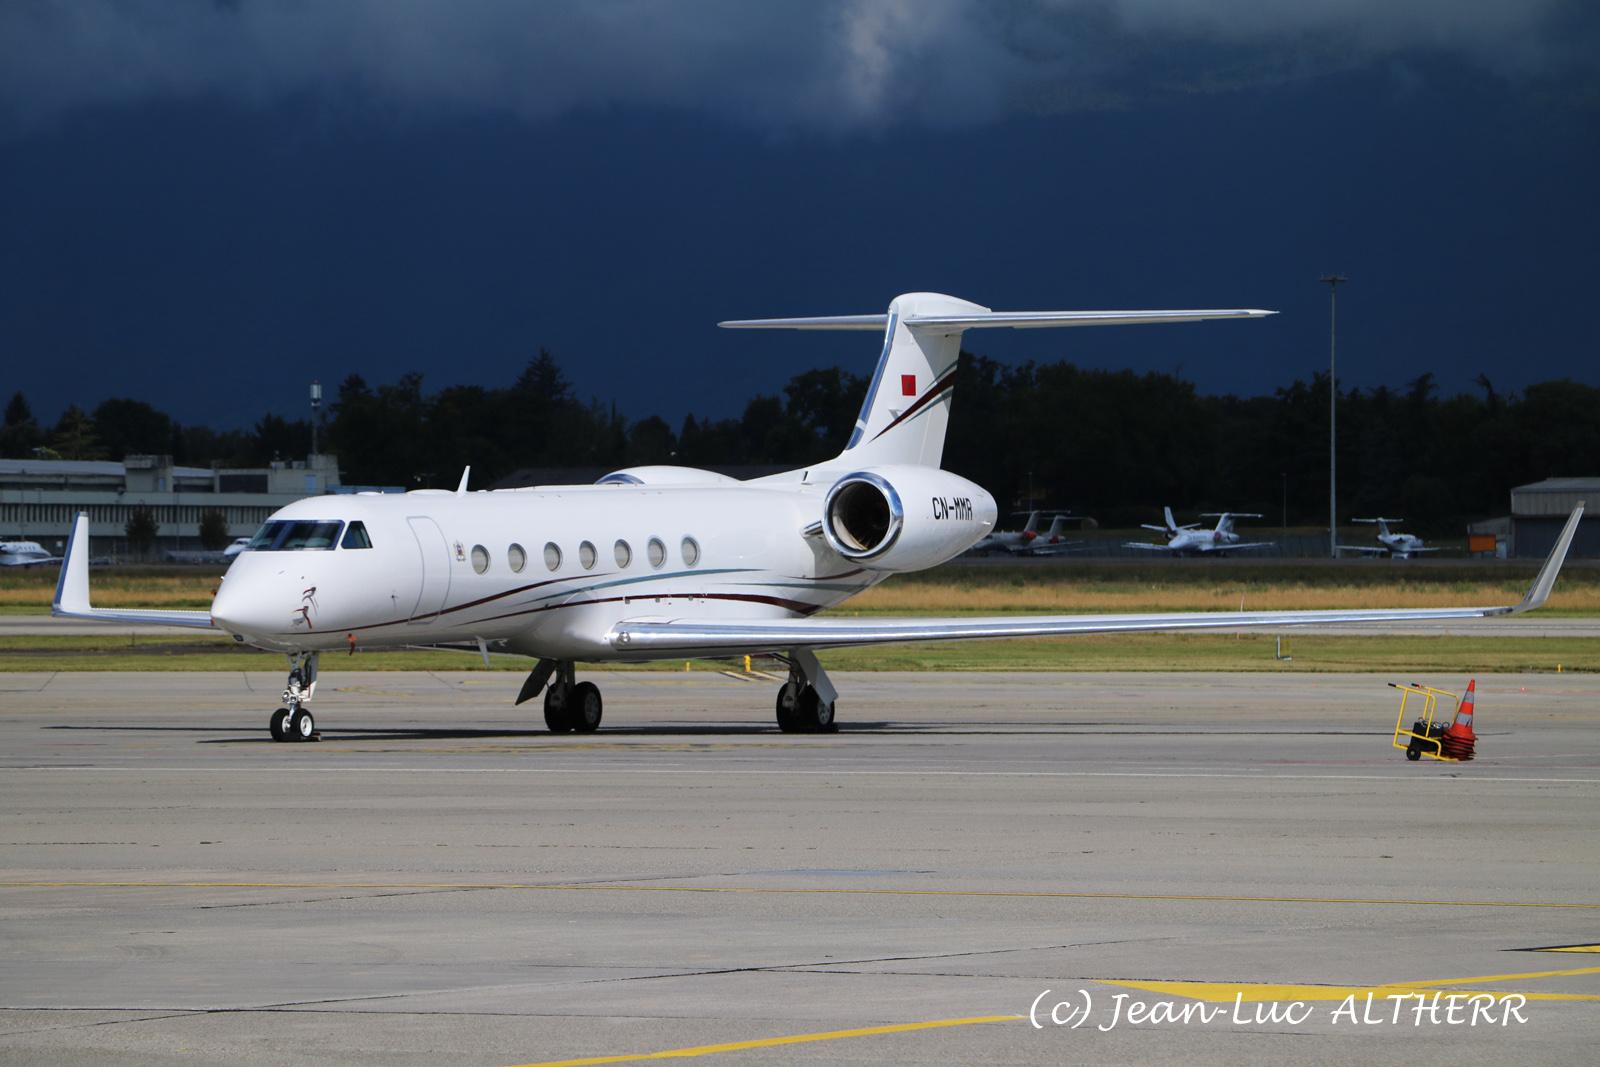 FRA: Avions VIP, Liaison & ECM - Page 24 50100827031_cae270de1a_o_d